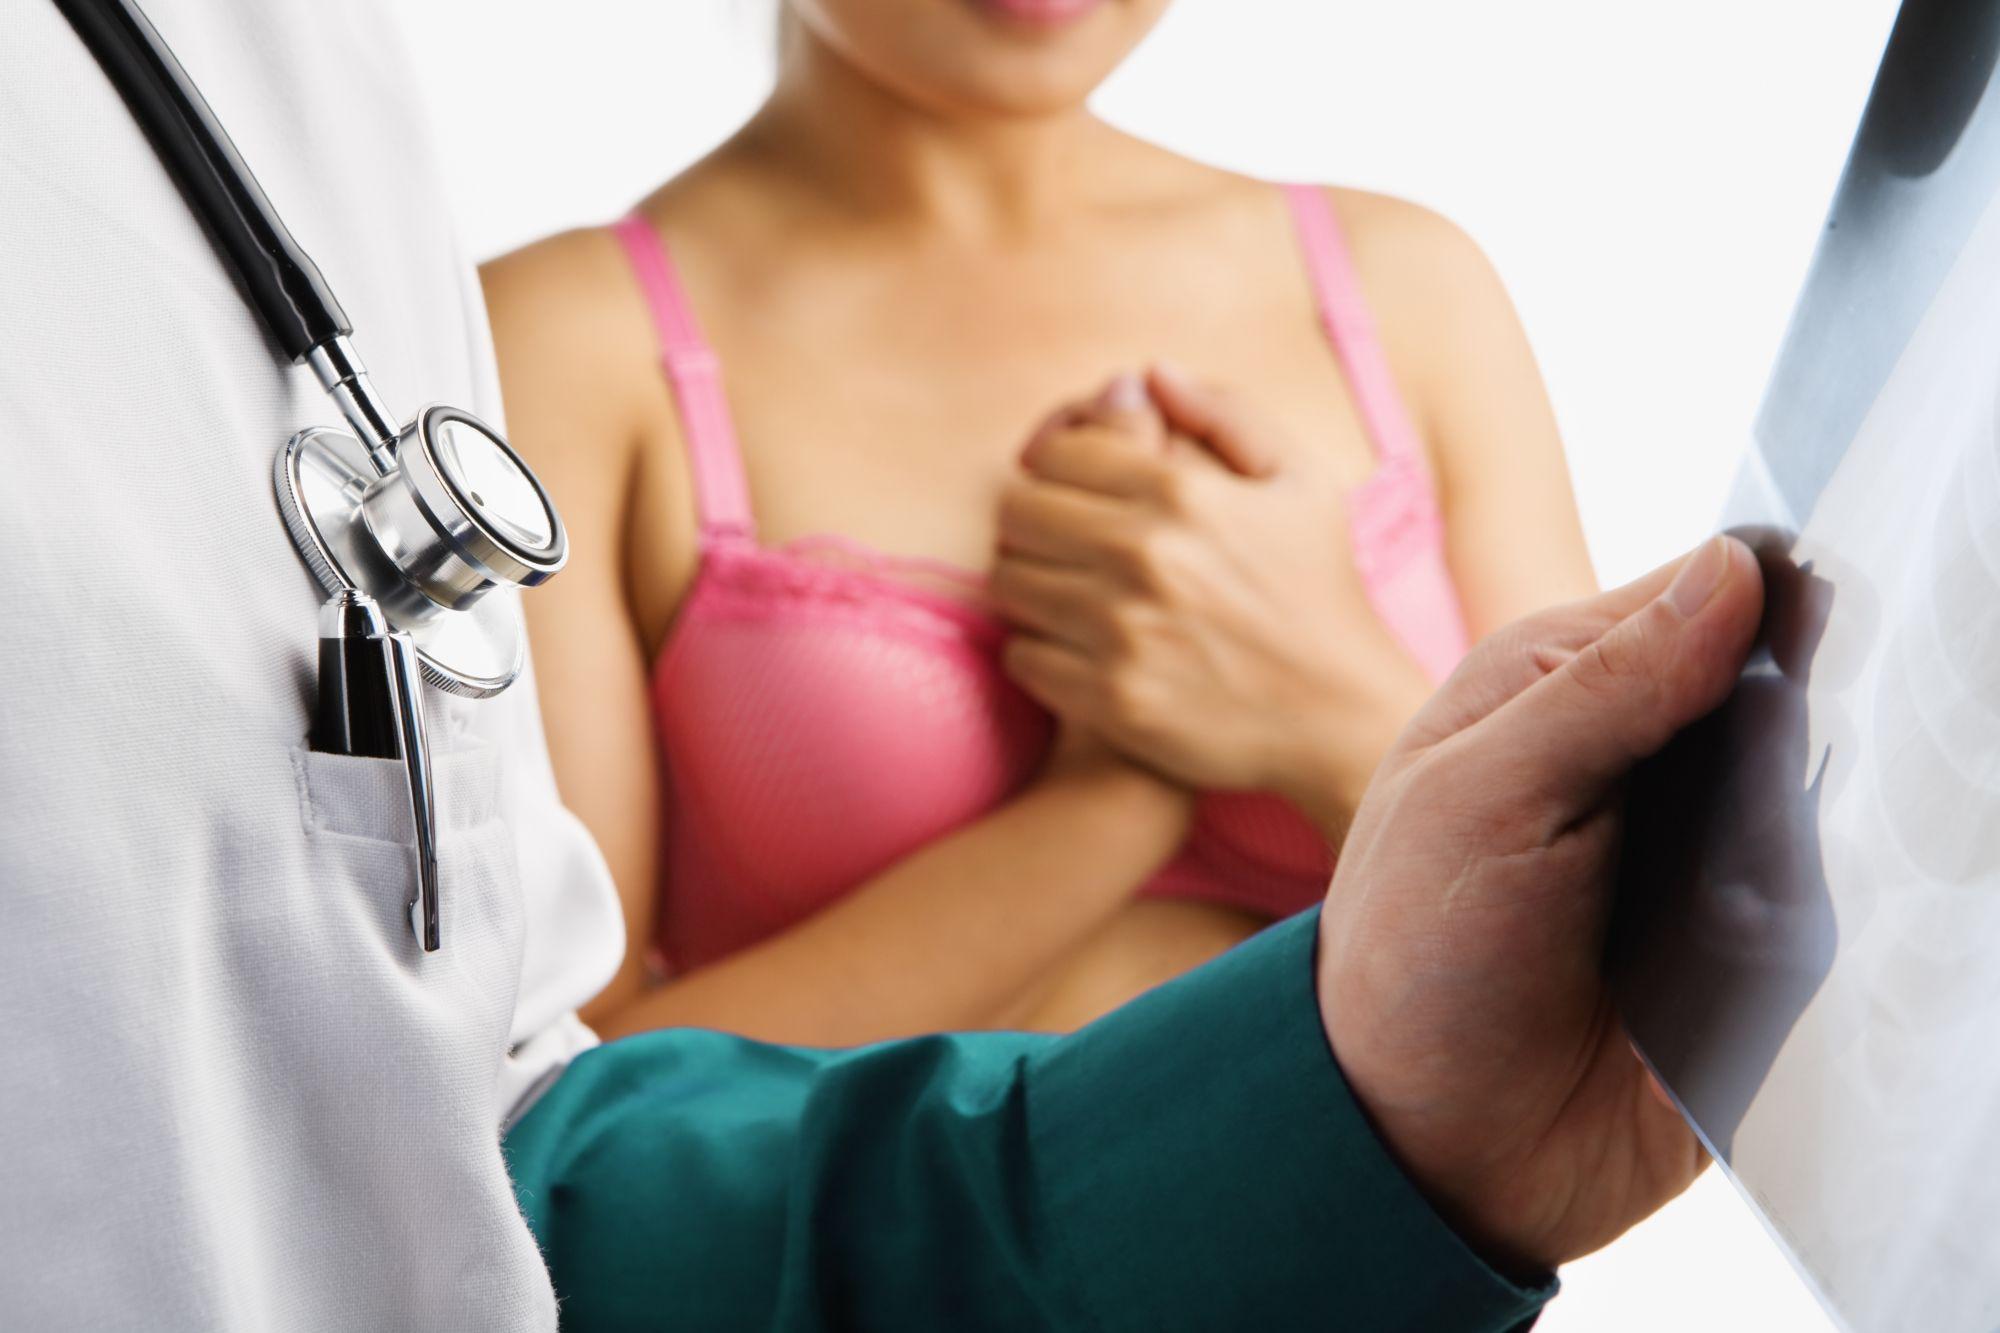 La protéine ELF5 aurait un effet négatif sur le sein